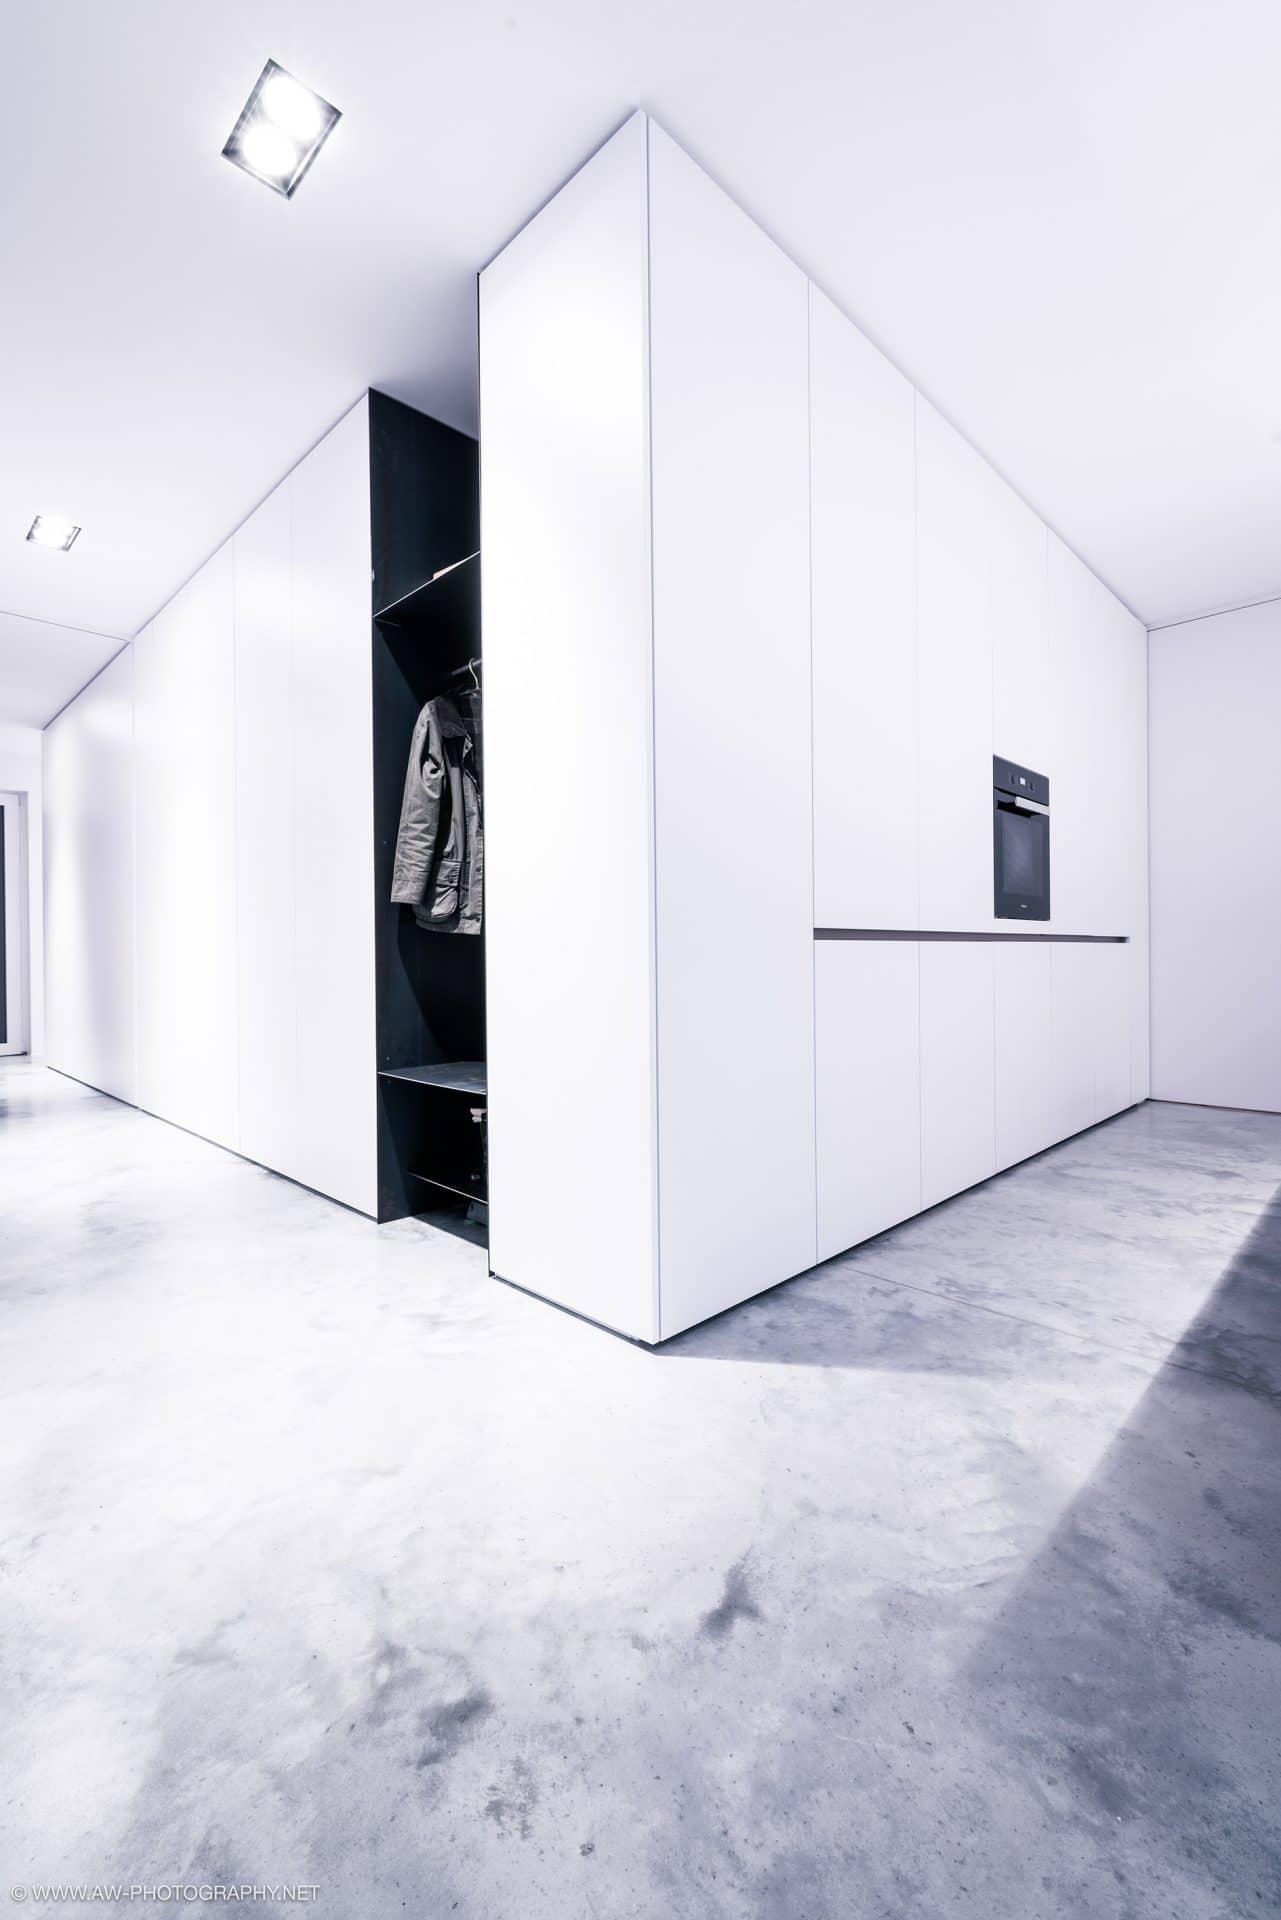 Innenausbau Penthousewohnung von VOIT in Schlichtstoff weiß und Stahl geschwärzt - Kücheneinbauten mit weißen Fronten und Blick in den Gang mit Garderobe